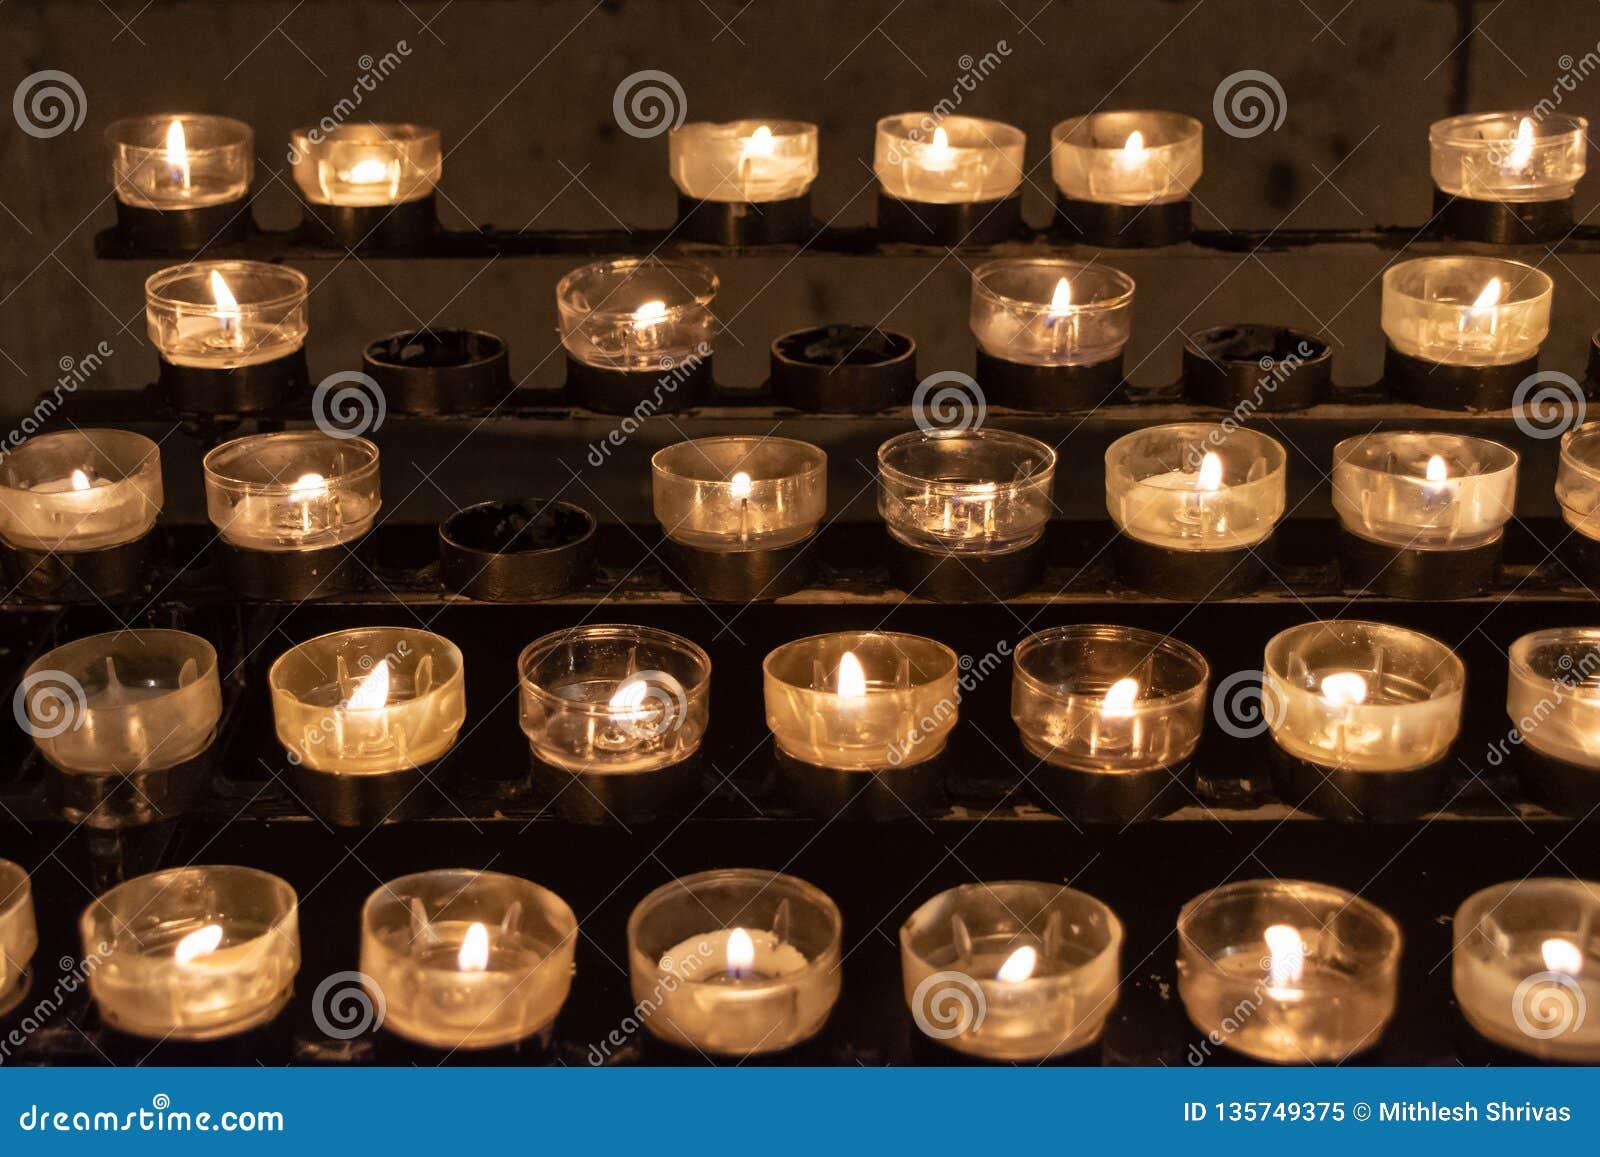 Velas amarelas iluminadas na igreja da catedral da água de Colônia, noite de Natal, Alemanha